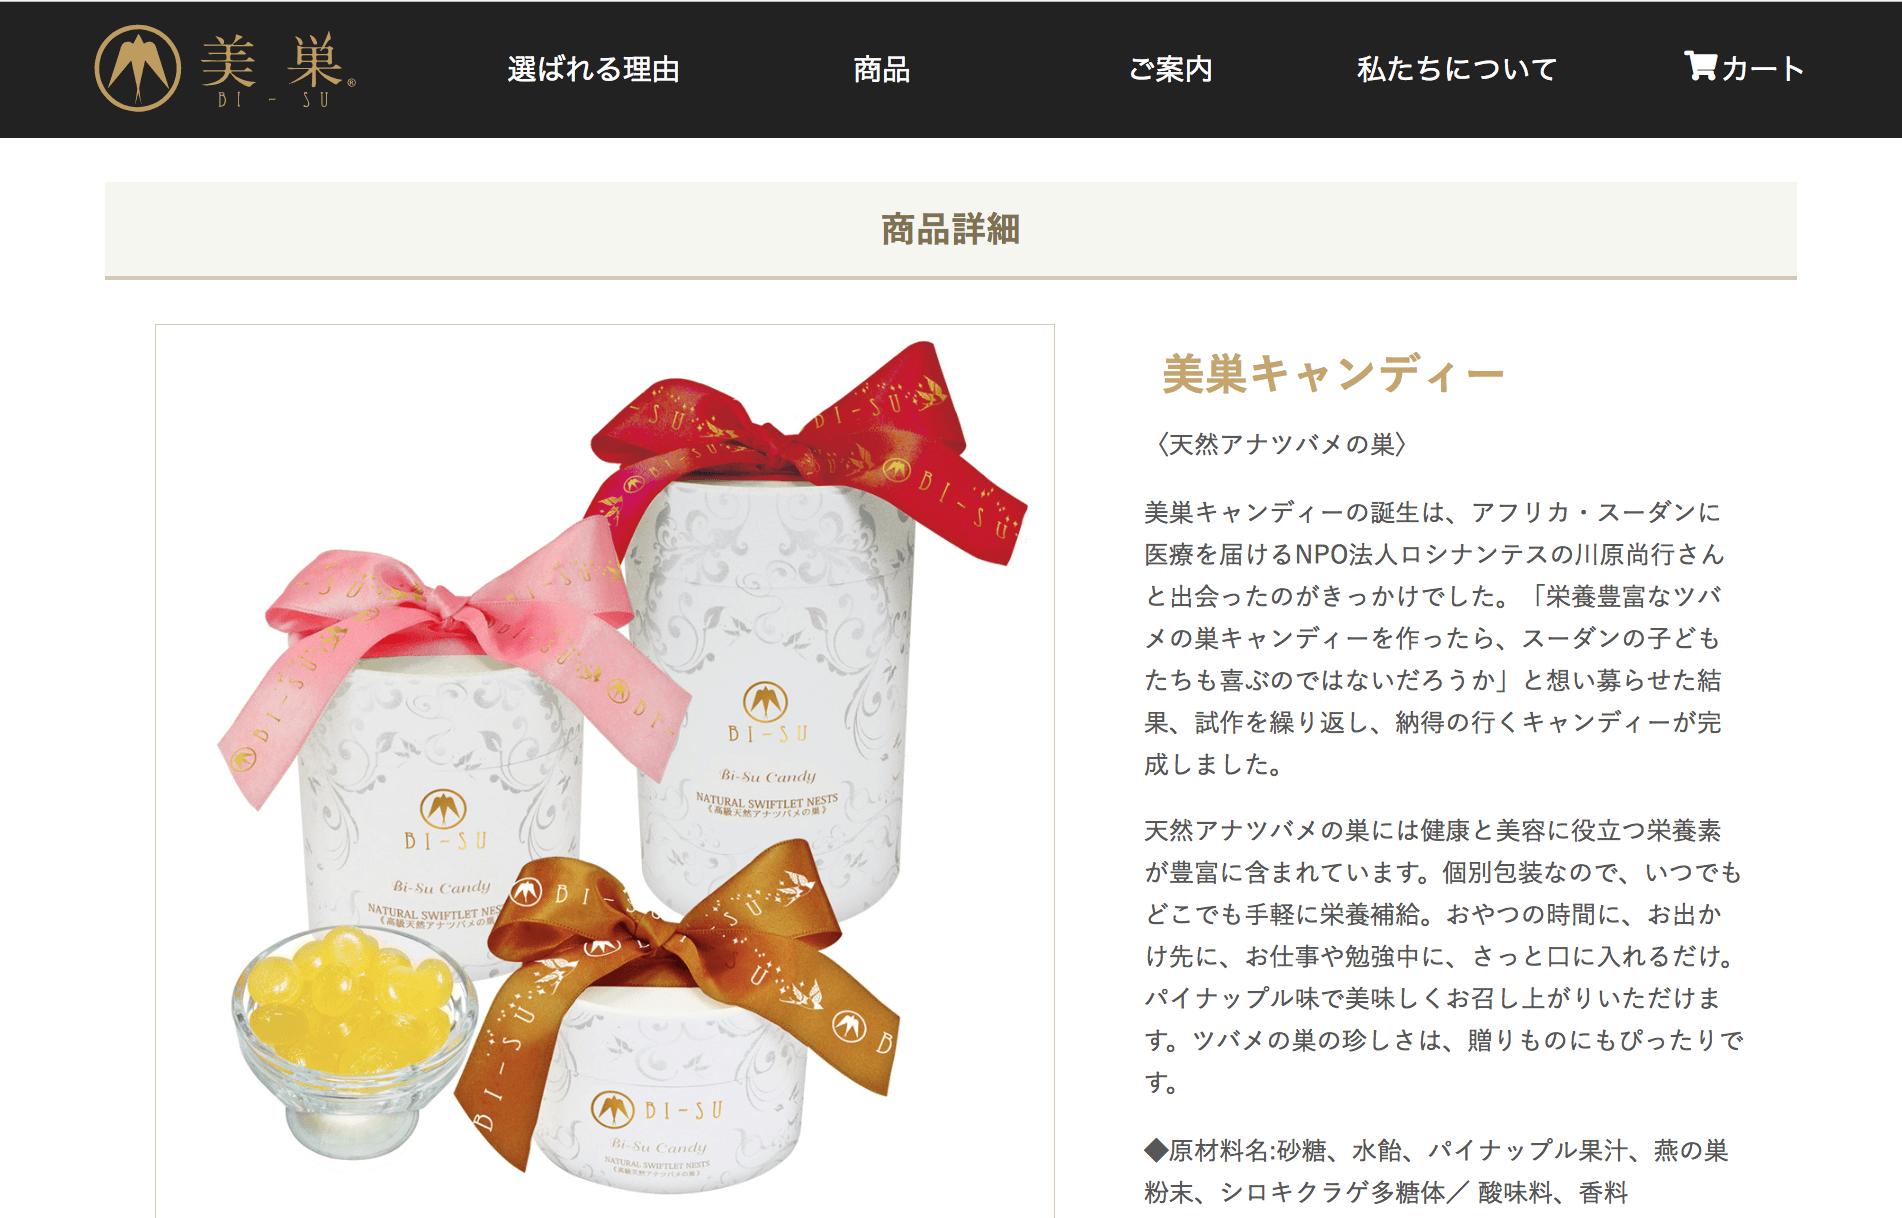 美巣キャンディーの公式サイト